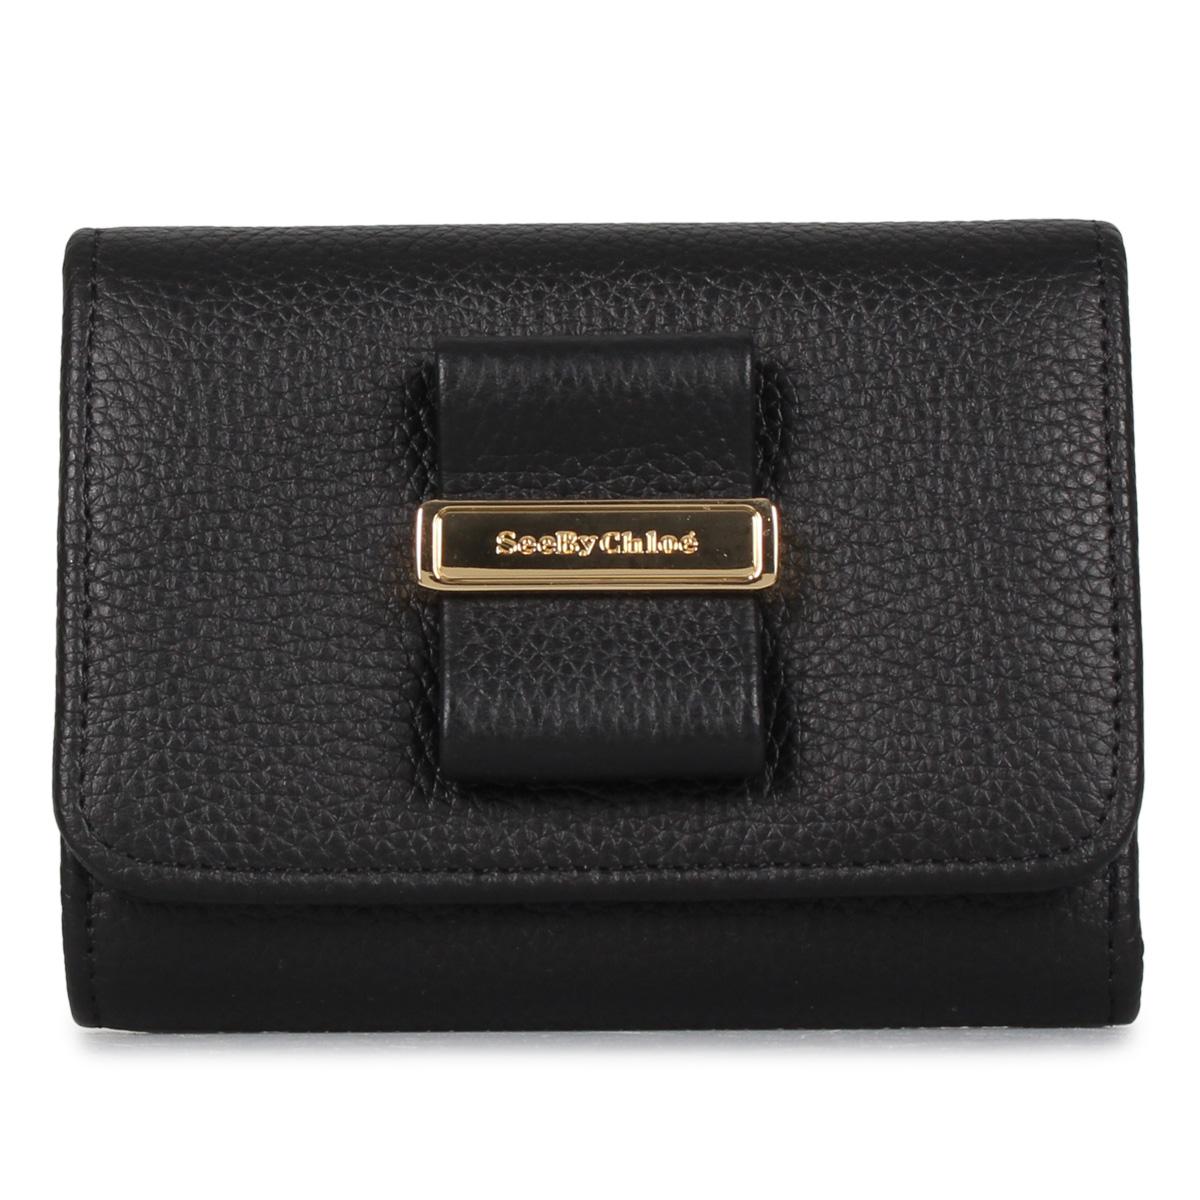 SEE BY CHLOE ROSITA シーバイクロエ 財布 三つ折り レディース ブラック 黒 CHS16AP717